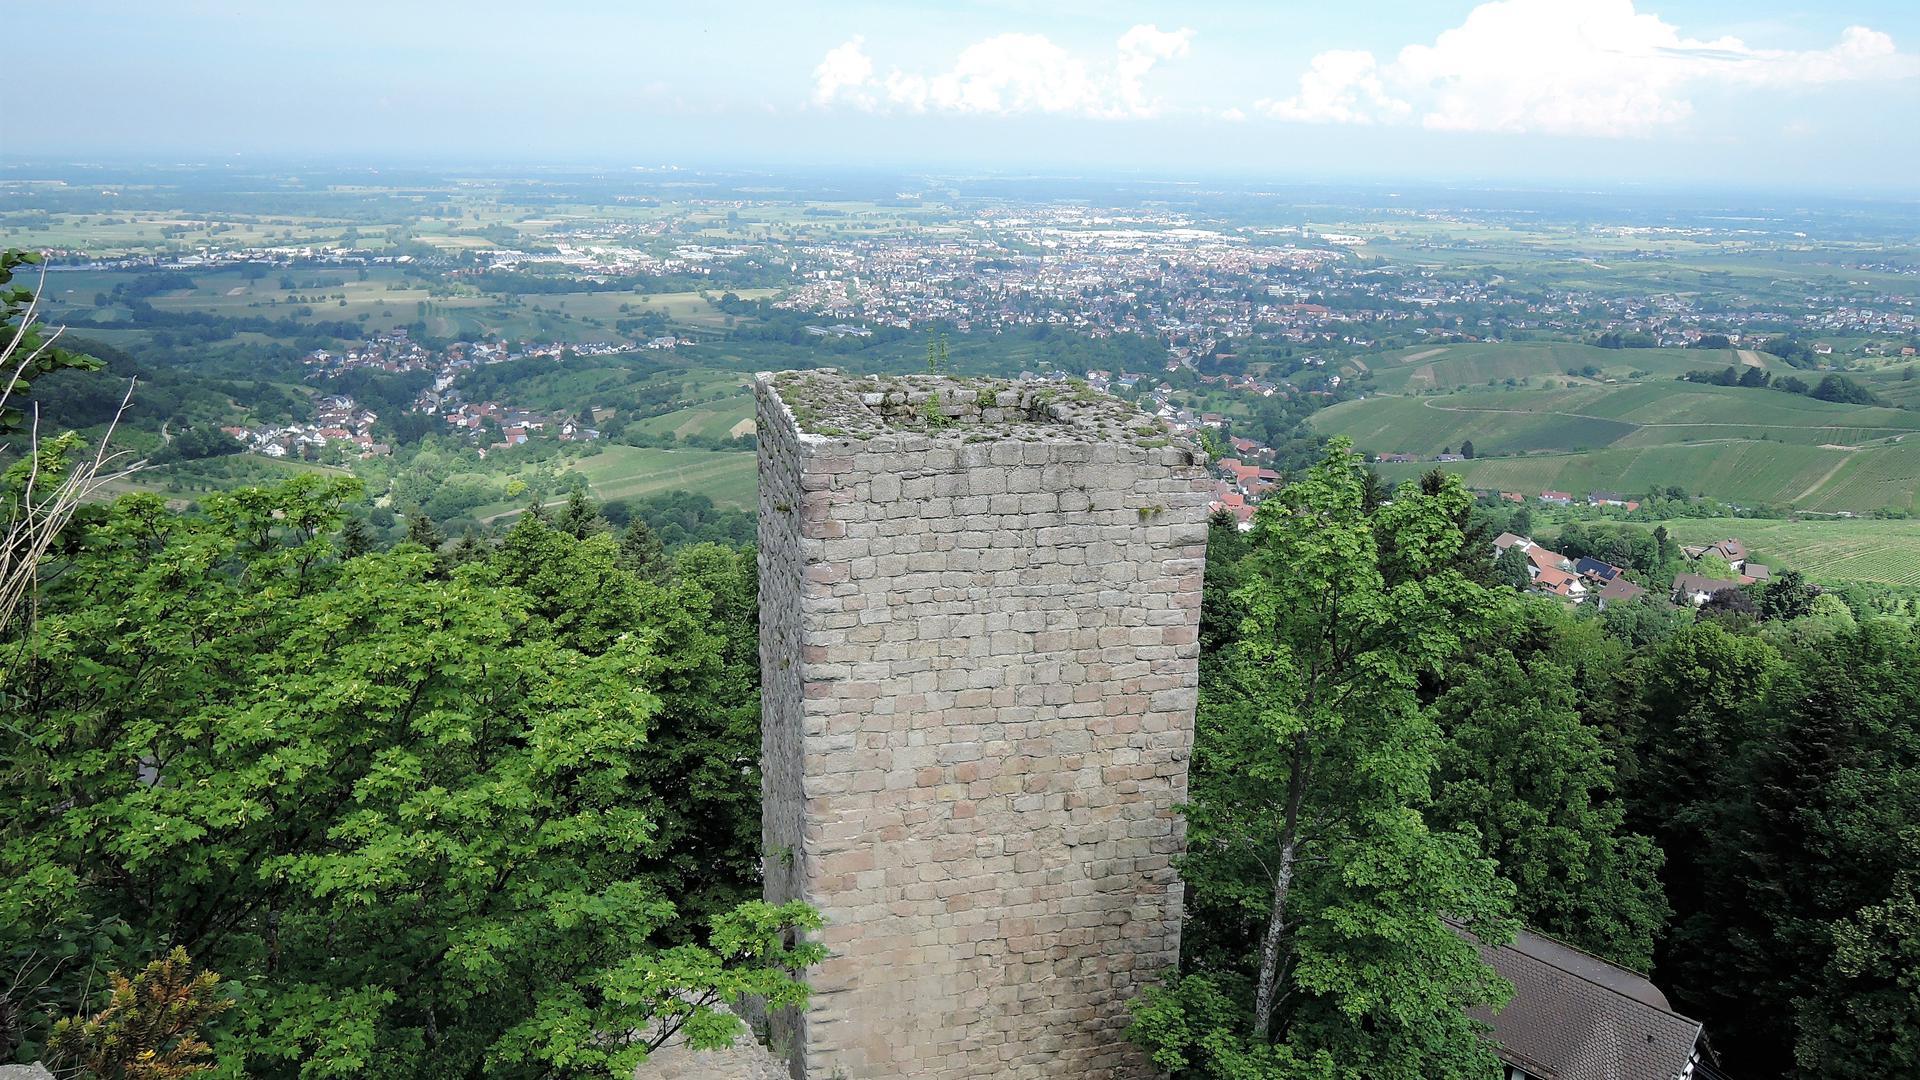 Bühl liegt in der nördlichen Ortenau. Das Foto zeigt einen Blick von der Burg Windeck auf die Stadt.